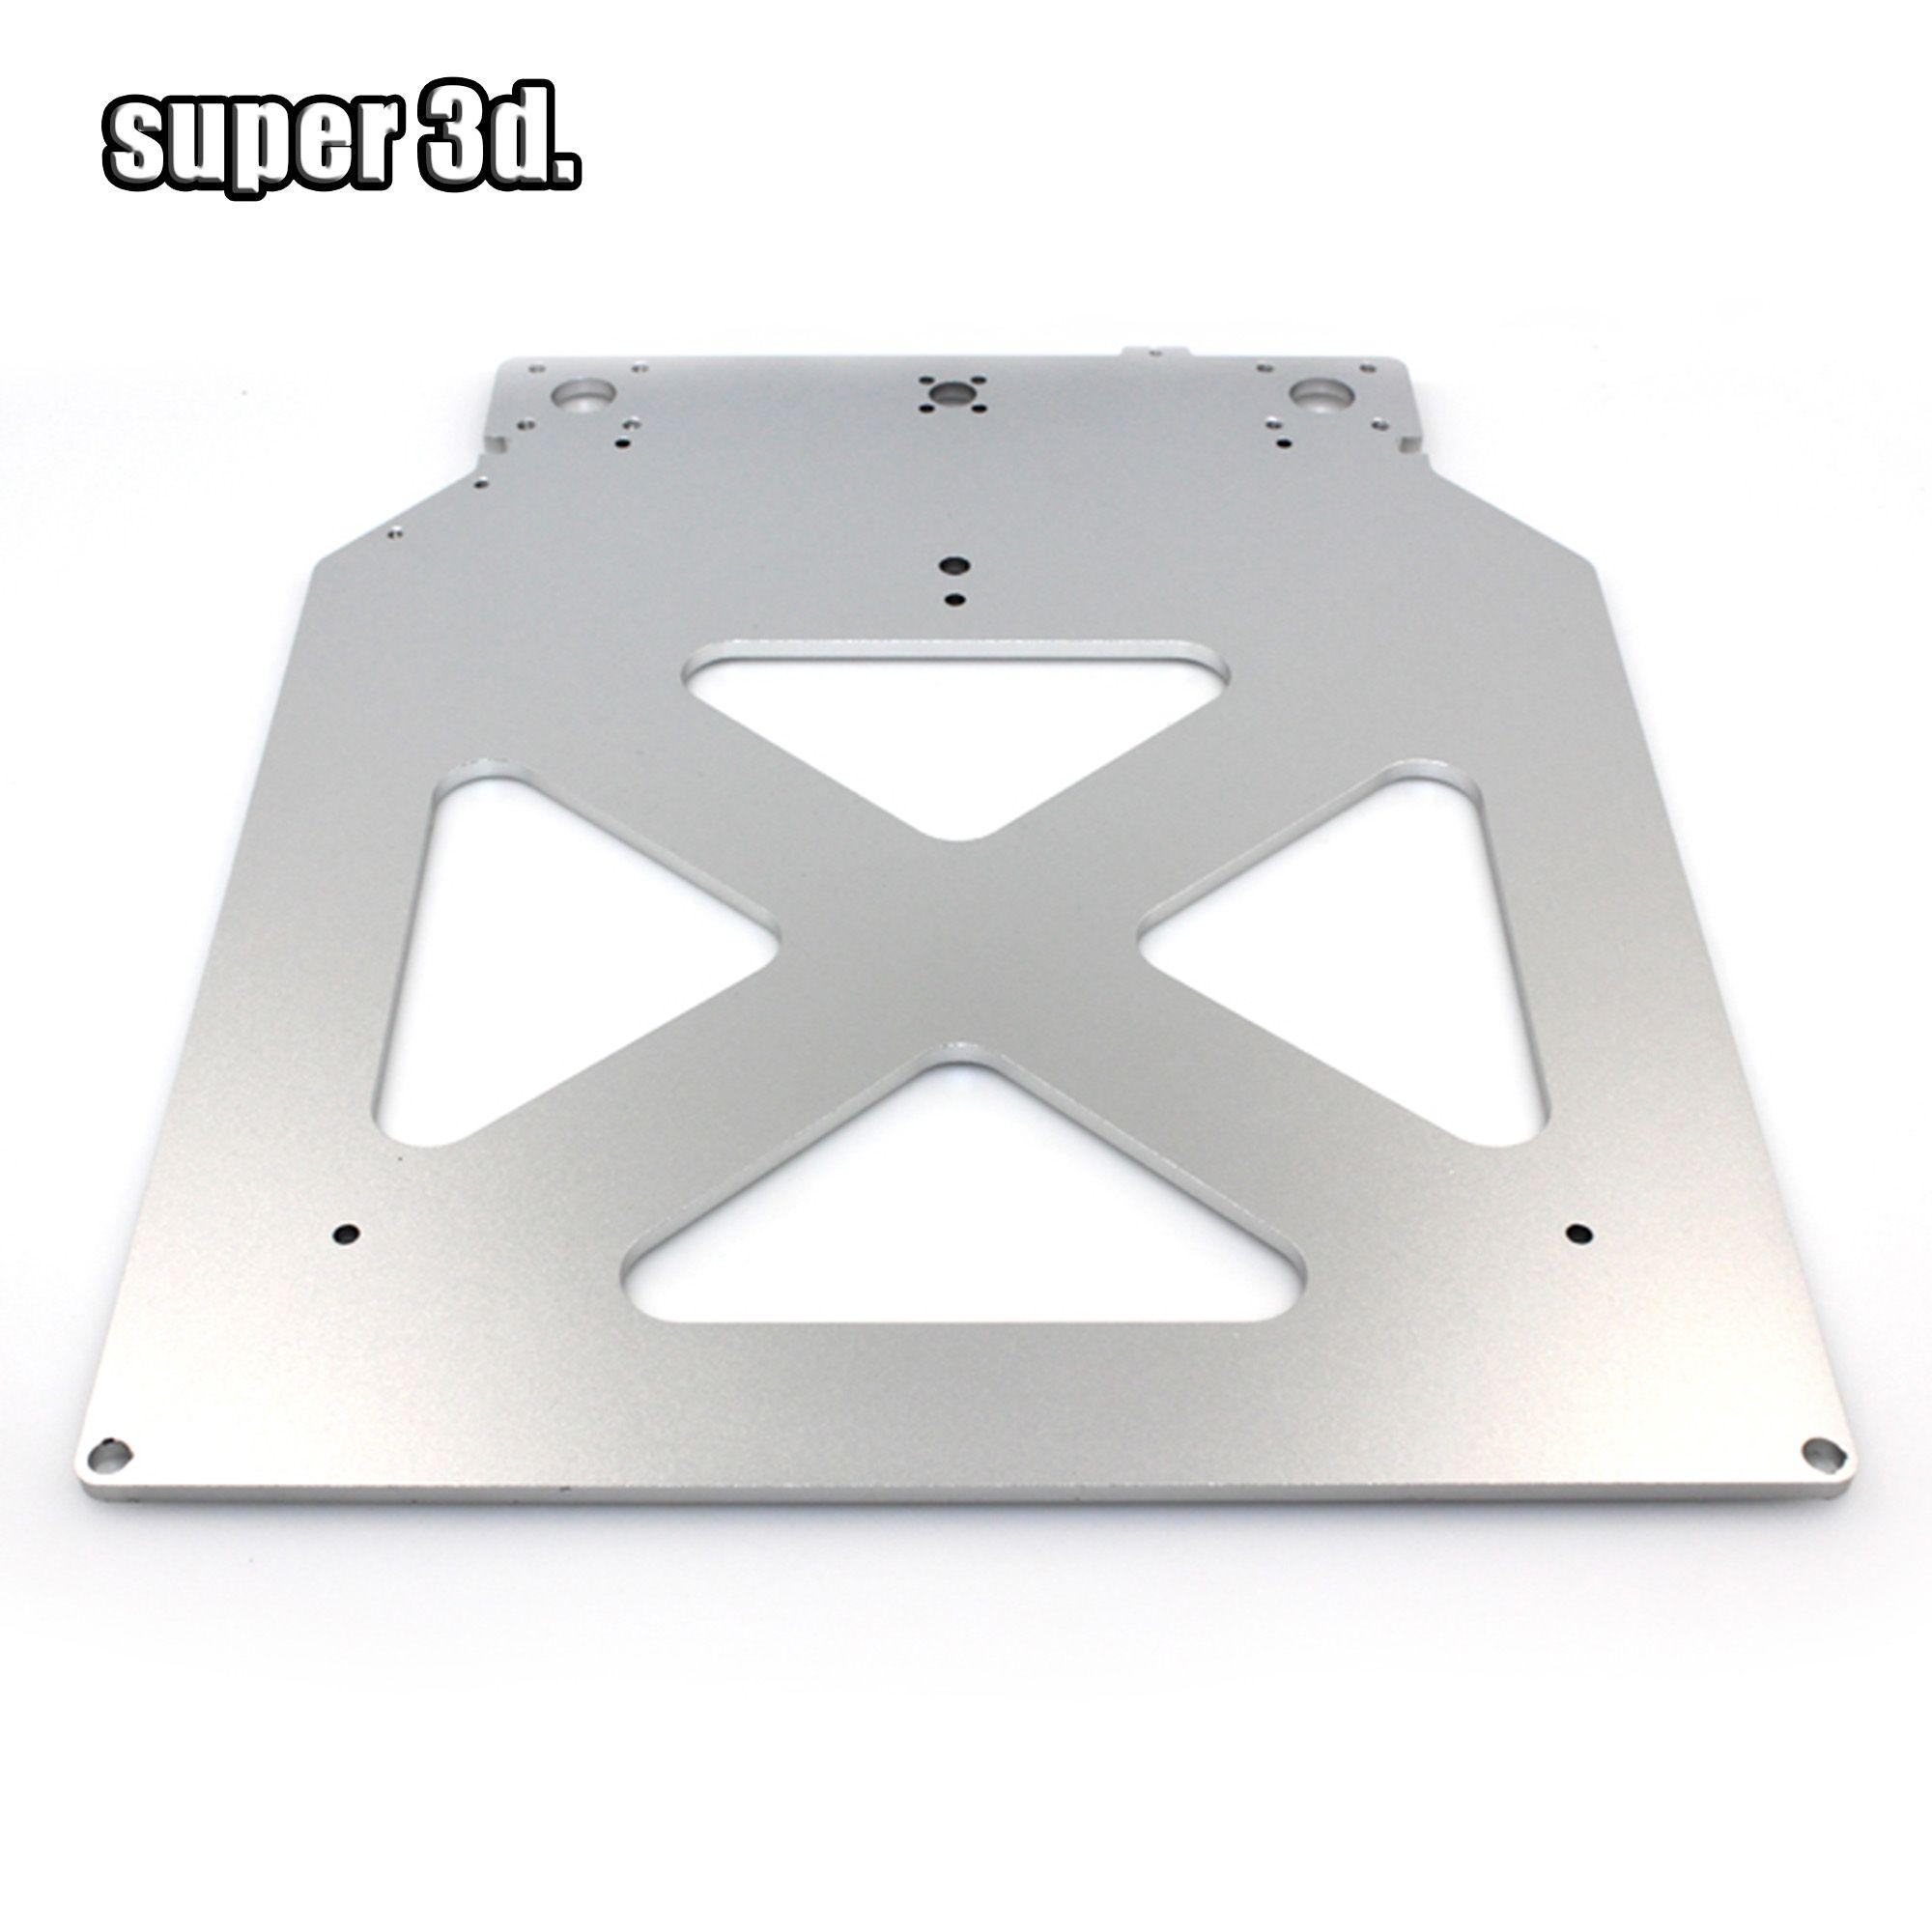 Ultimaker 2 UM2 Z Tabelle Basis Platte plattform halterung unterstützung aluminium beheizt heißer bett platte für 3D drucker teile